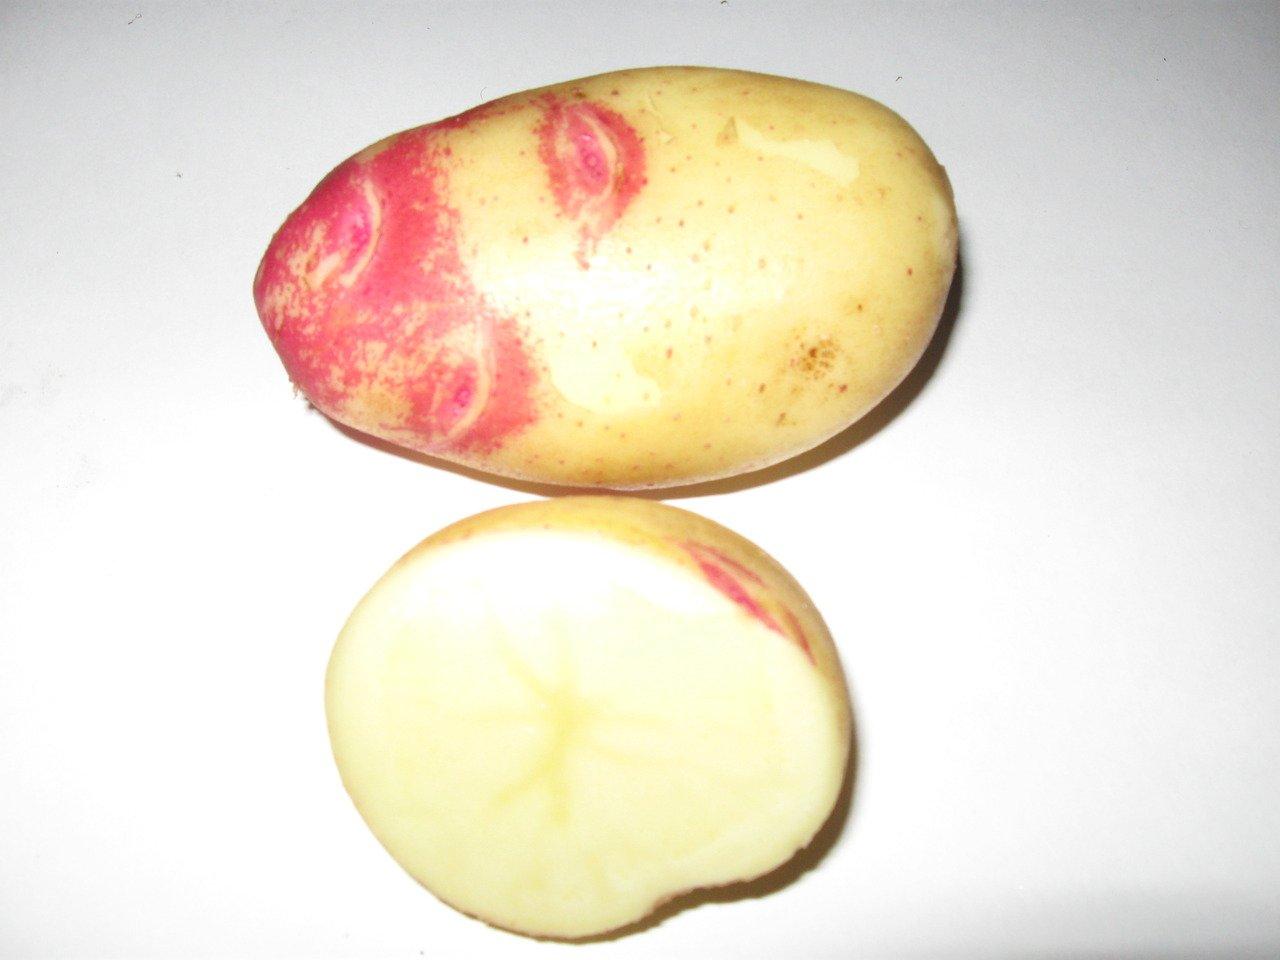 заметила картошка сорт лимонка описание с фото американском